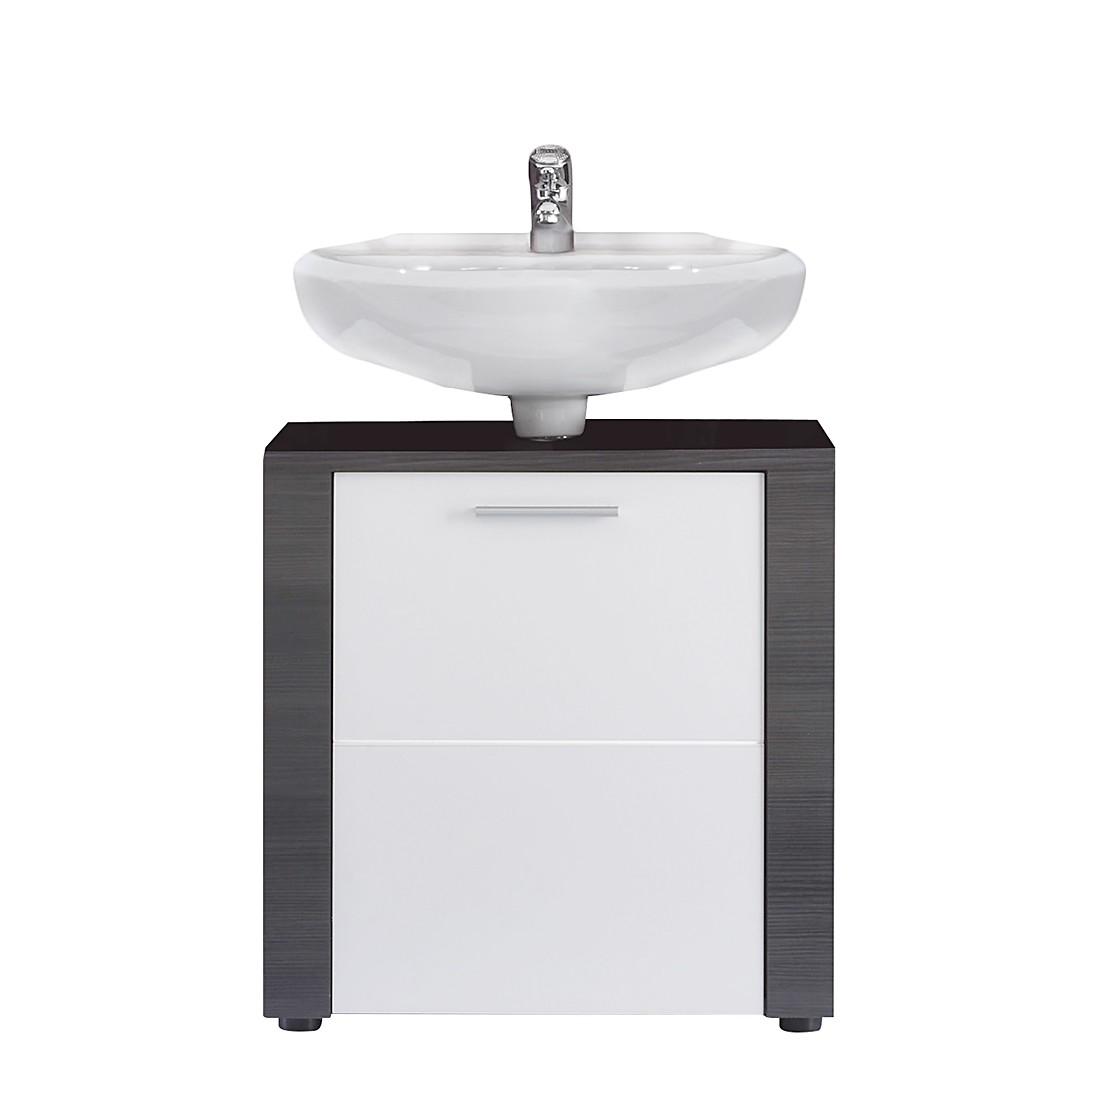 vente meublesalle de bain meubles sous vasque tritoo